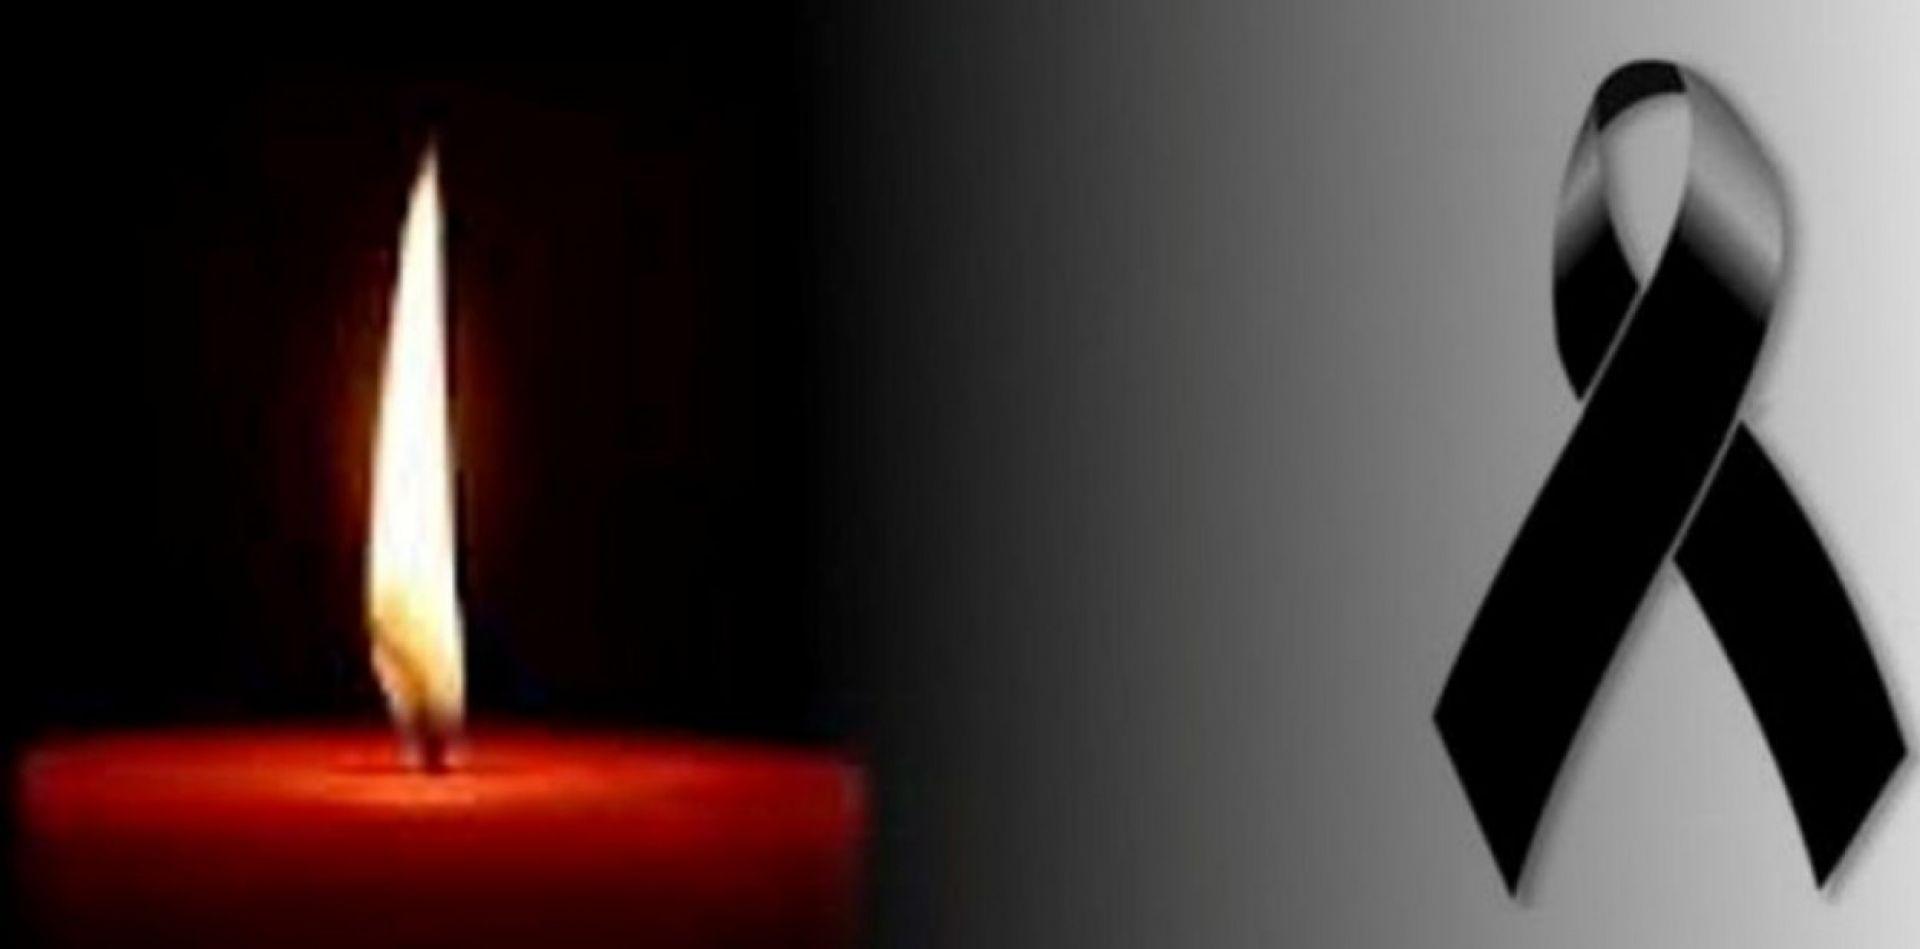 Ηγουμενίτσα:Δίχρονο κοριτσάκι έχασε τη ζωή του …Σε κατάσταση σοκ οι γονείς